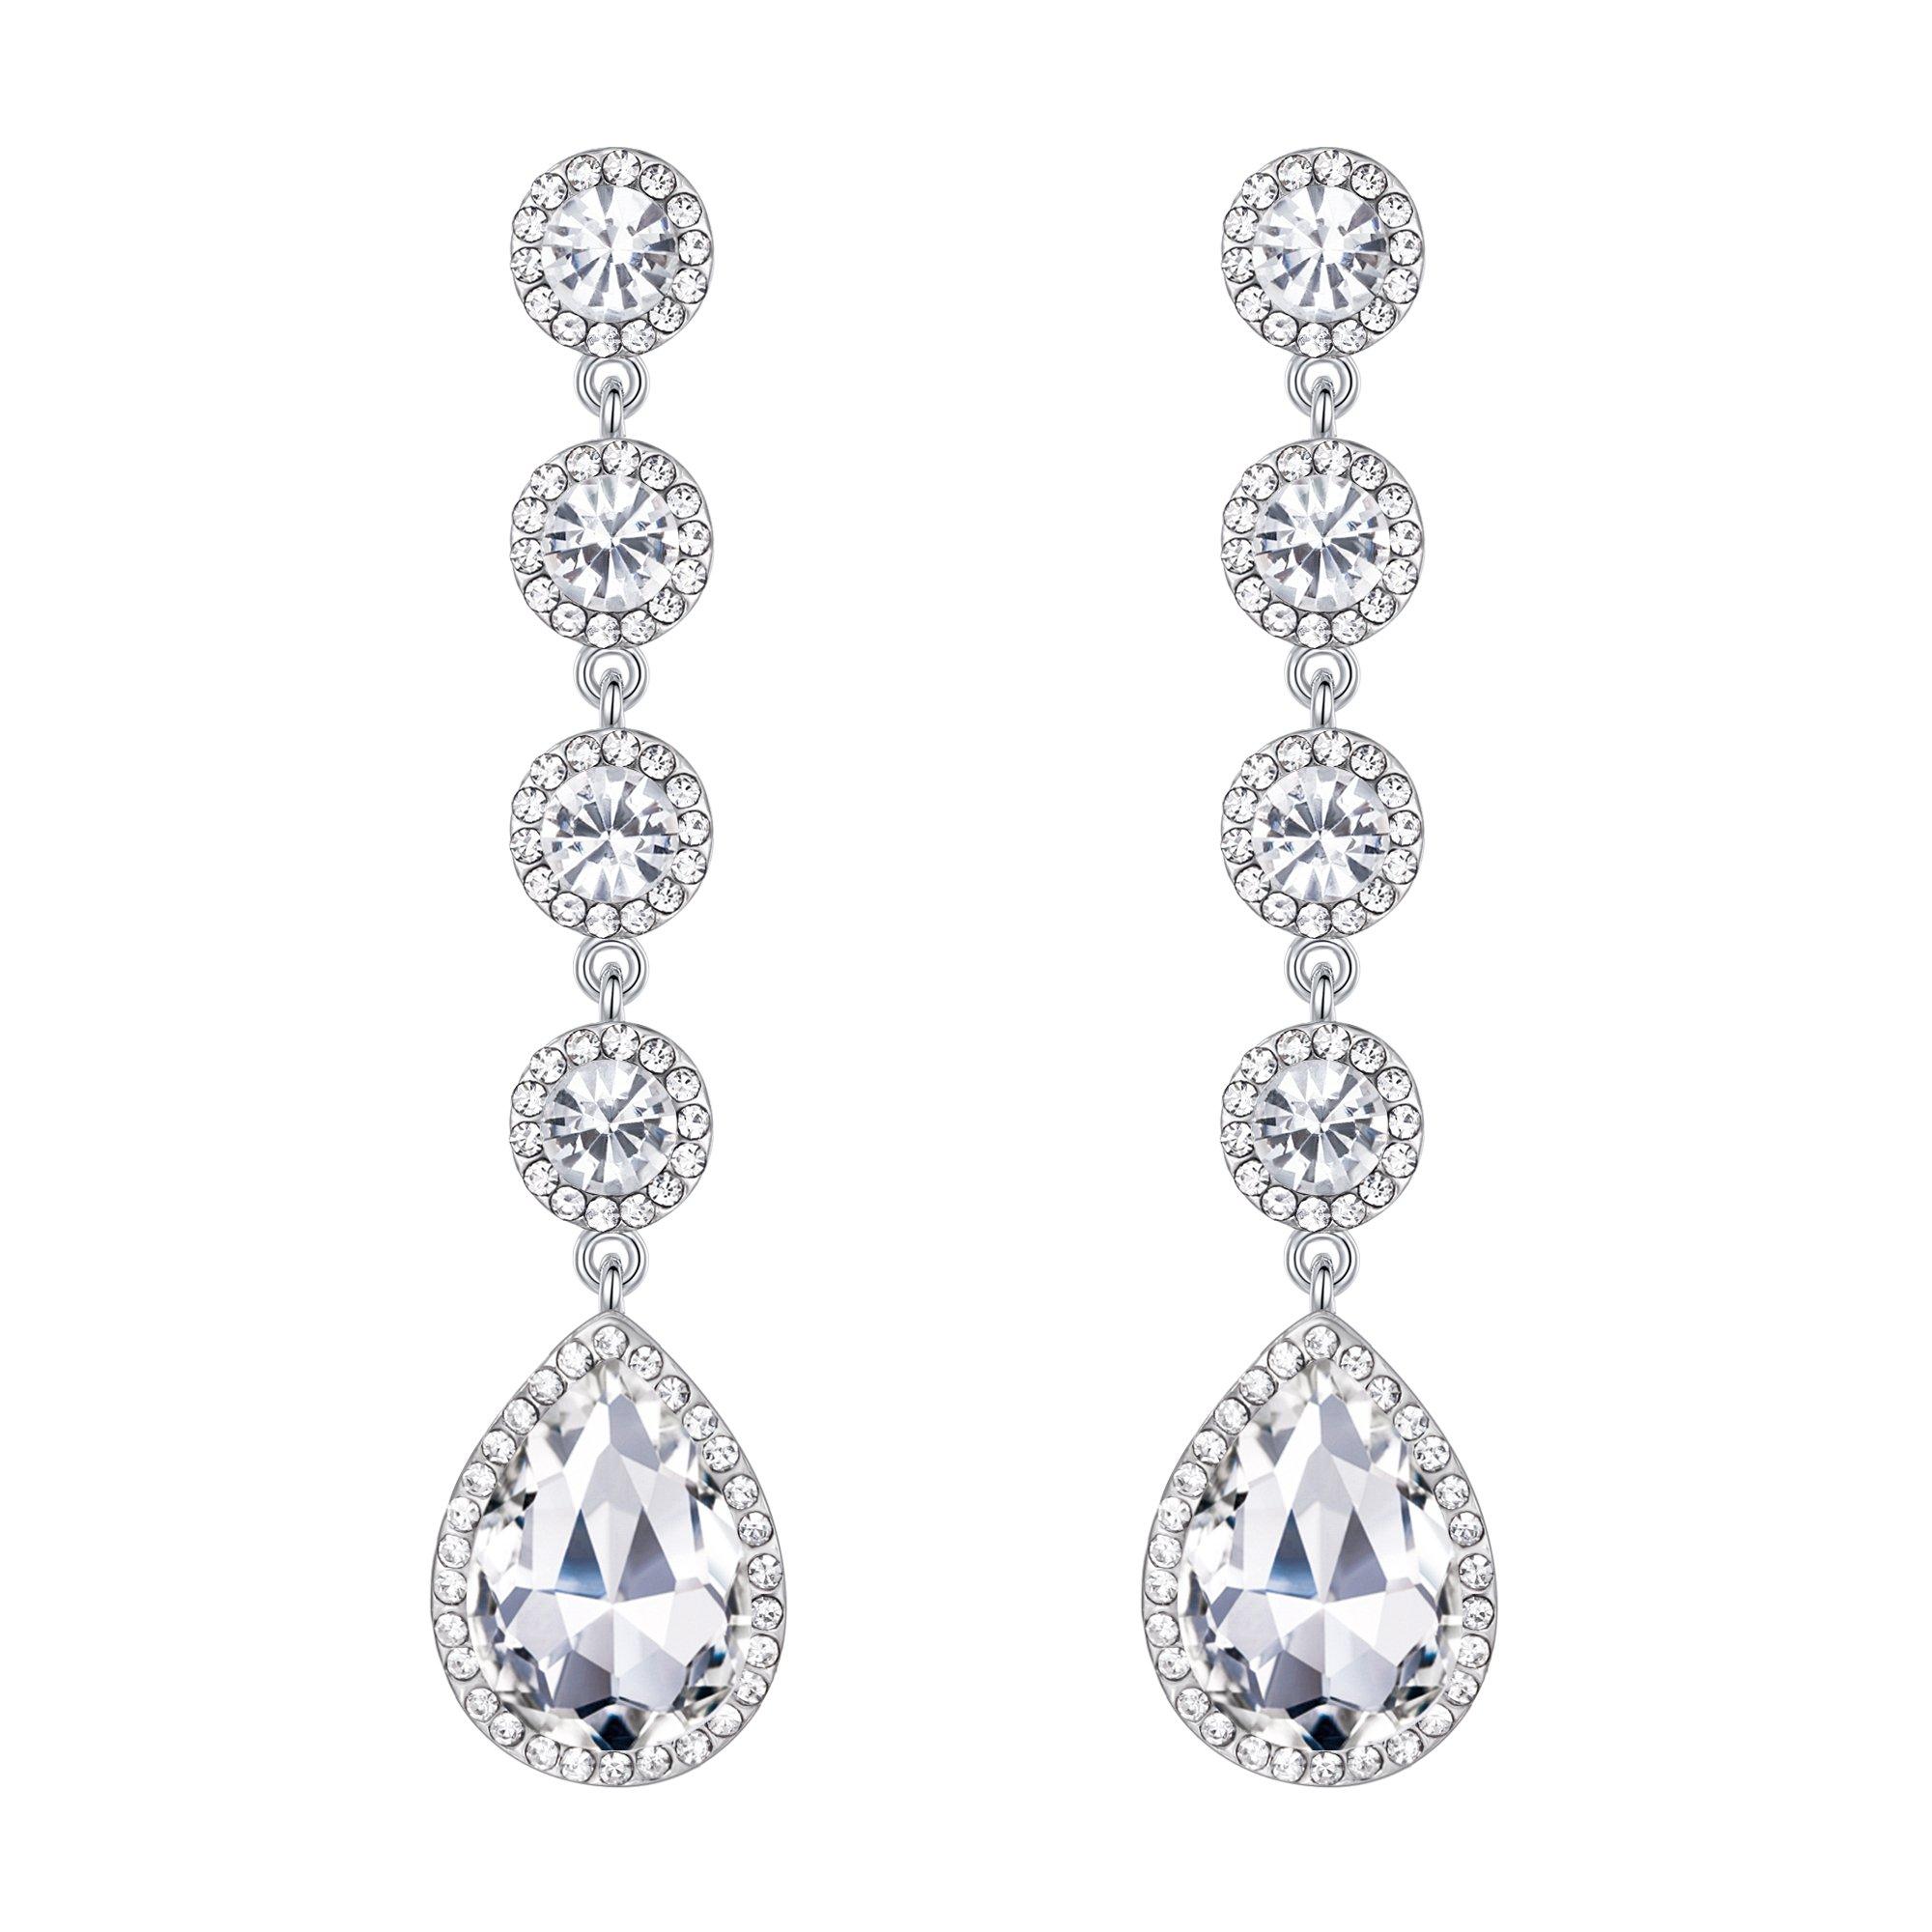 BriLove Wedding Bridal Dangle Earrings for Women Elegant Crystal Teardrop Chandelier Earrings Clear Silver-Tone by BriLove